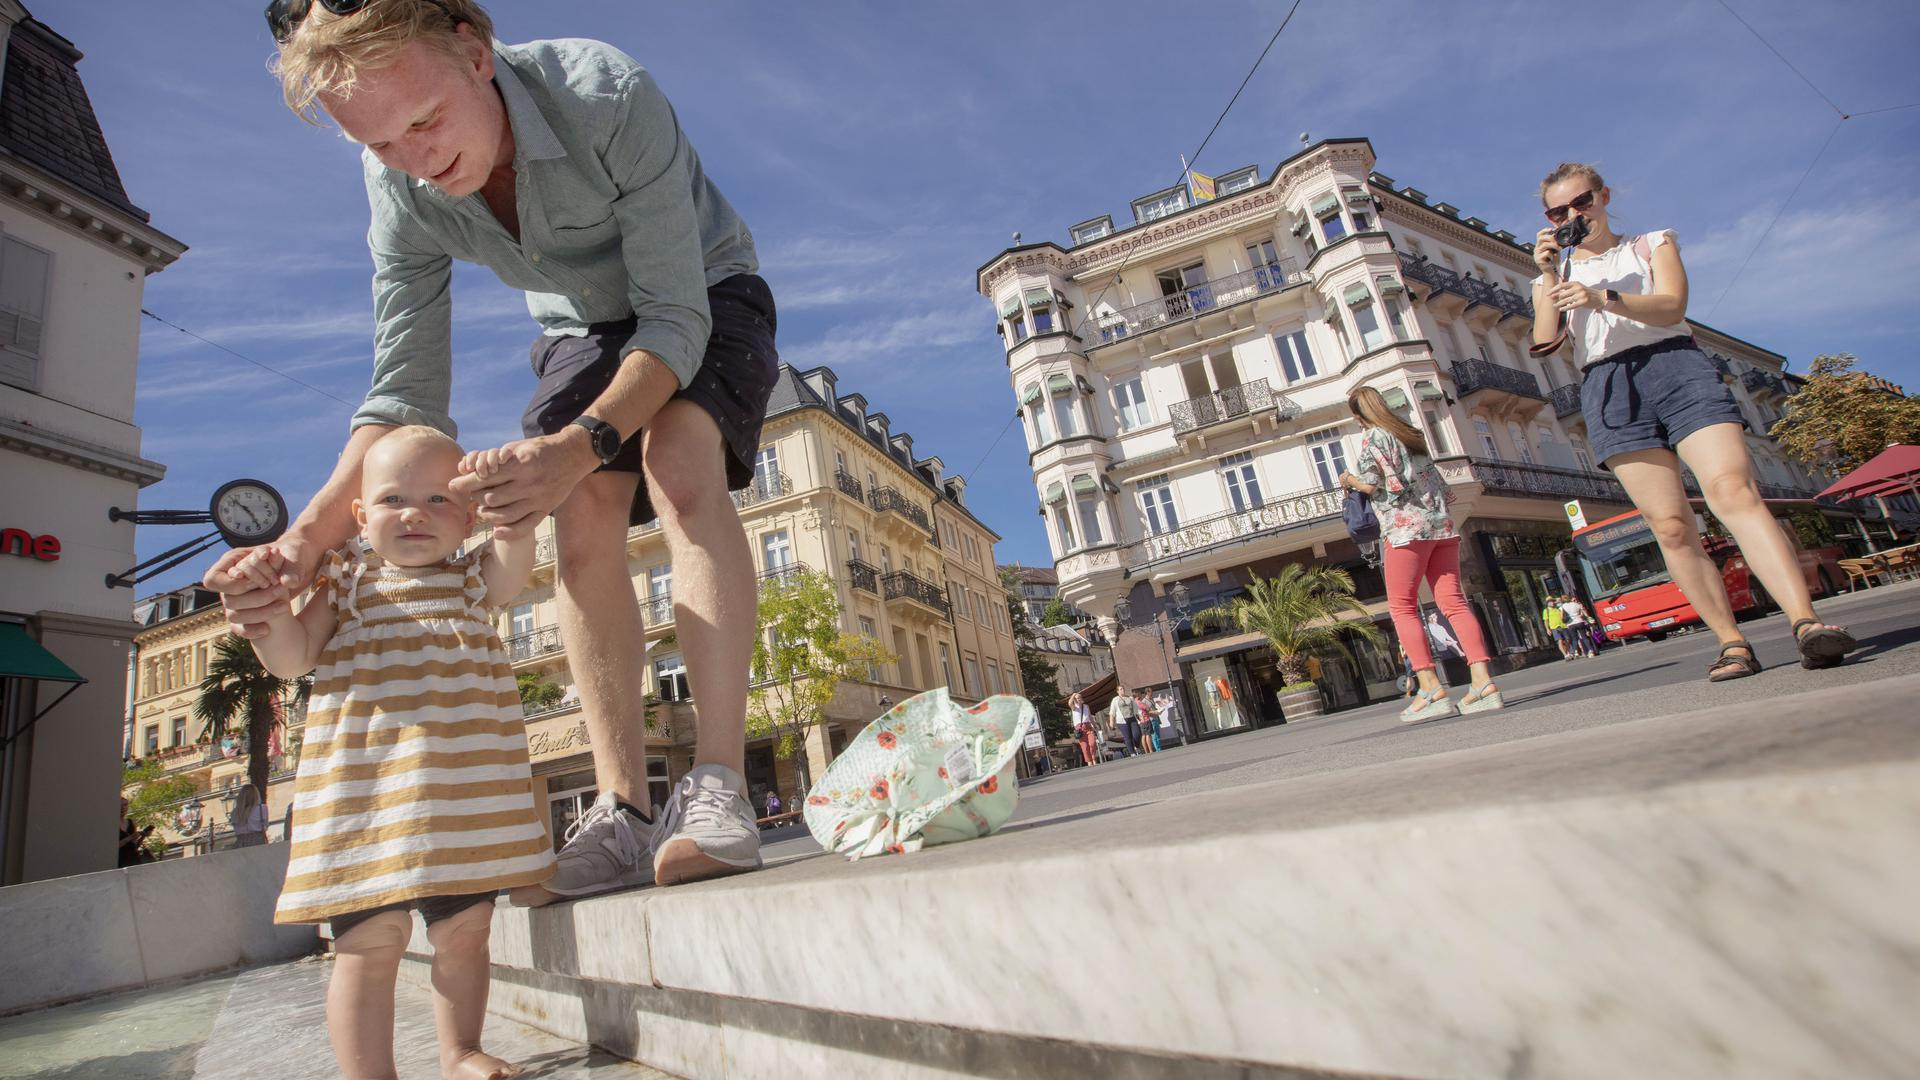 Eine junge Familie mit Kind aus Finnland sucht Abkühlung im Brunnen am Leopoldsplatz in Baden-Baden.